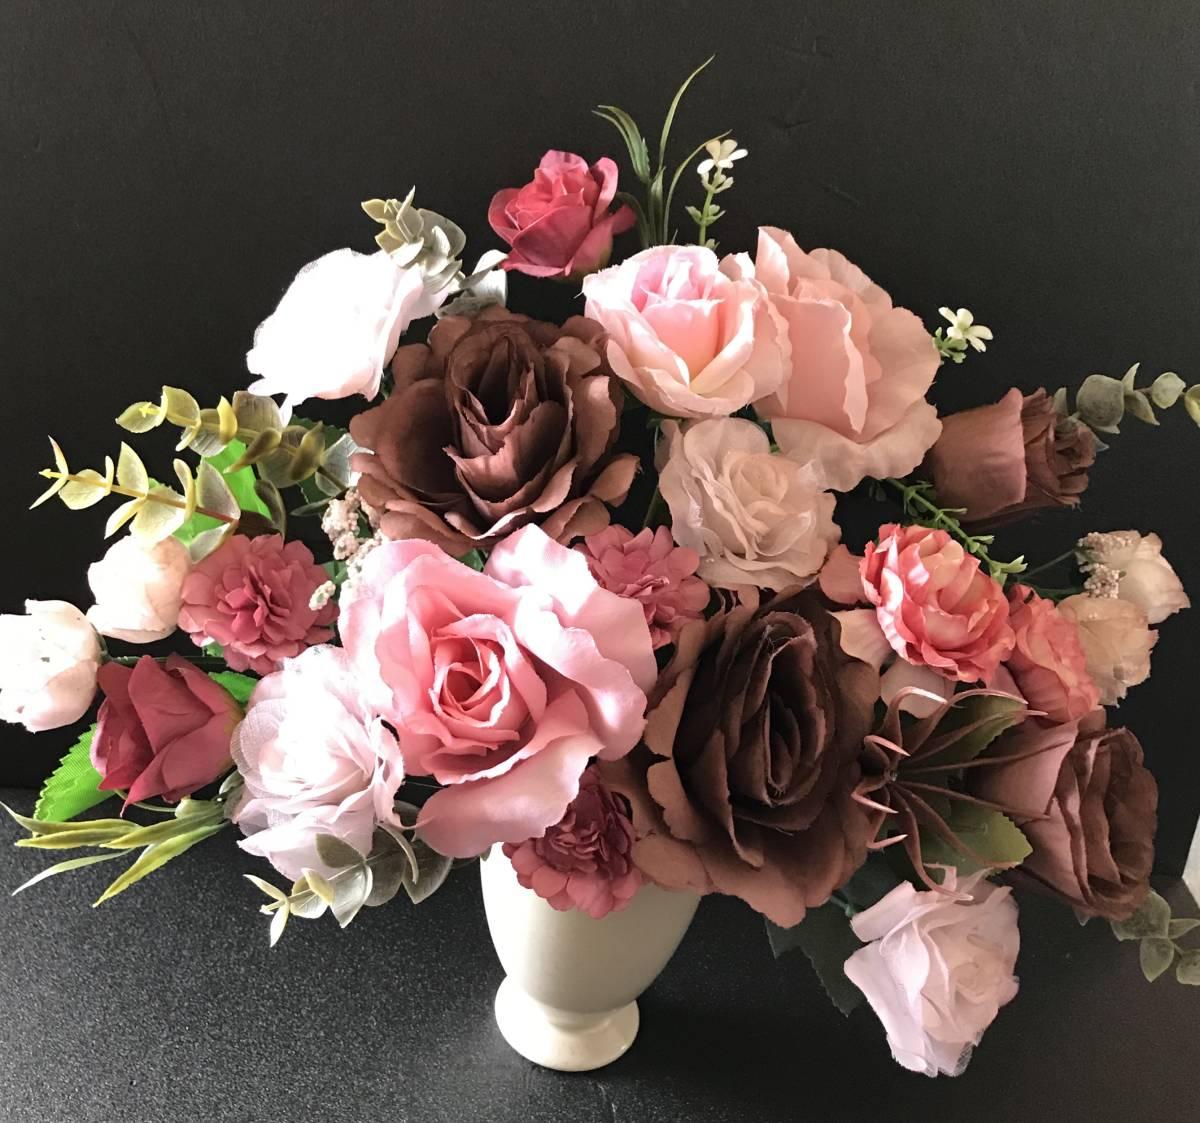 pretty flower�x�[�W���Ԋ�`���R���[�g�u���E���ƃ~���N�e�B�[�s���N���K�N�t�F�~�j���A�����W Image8